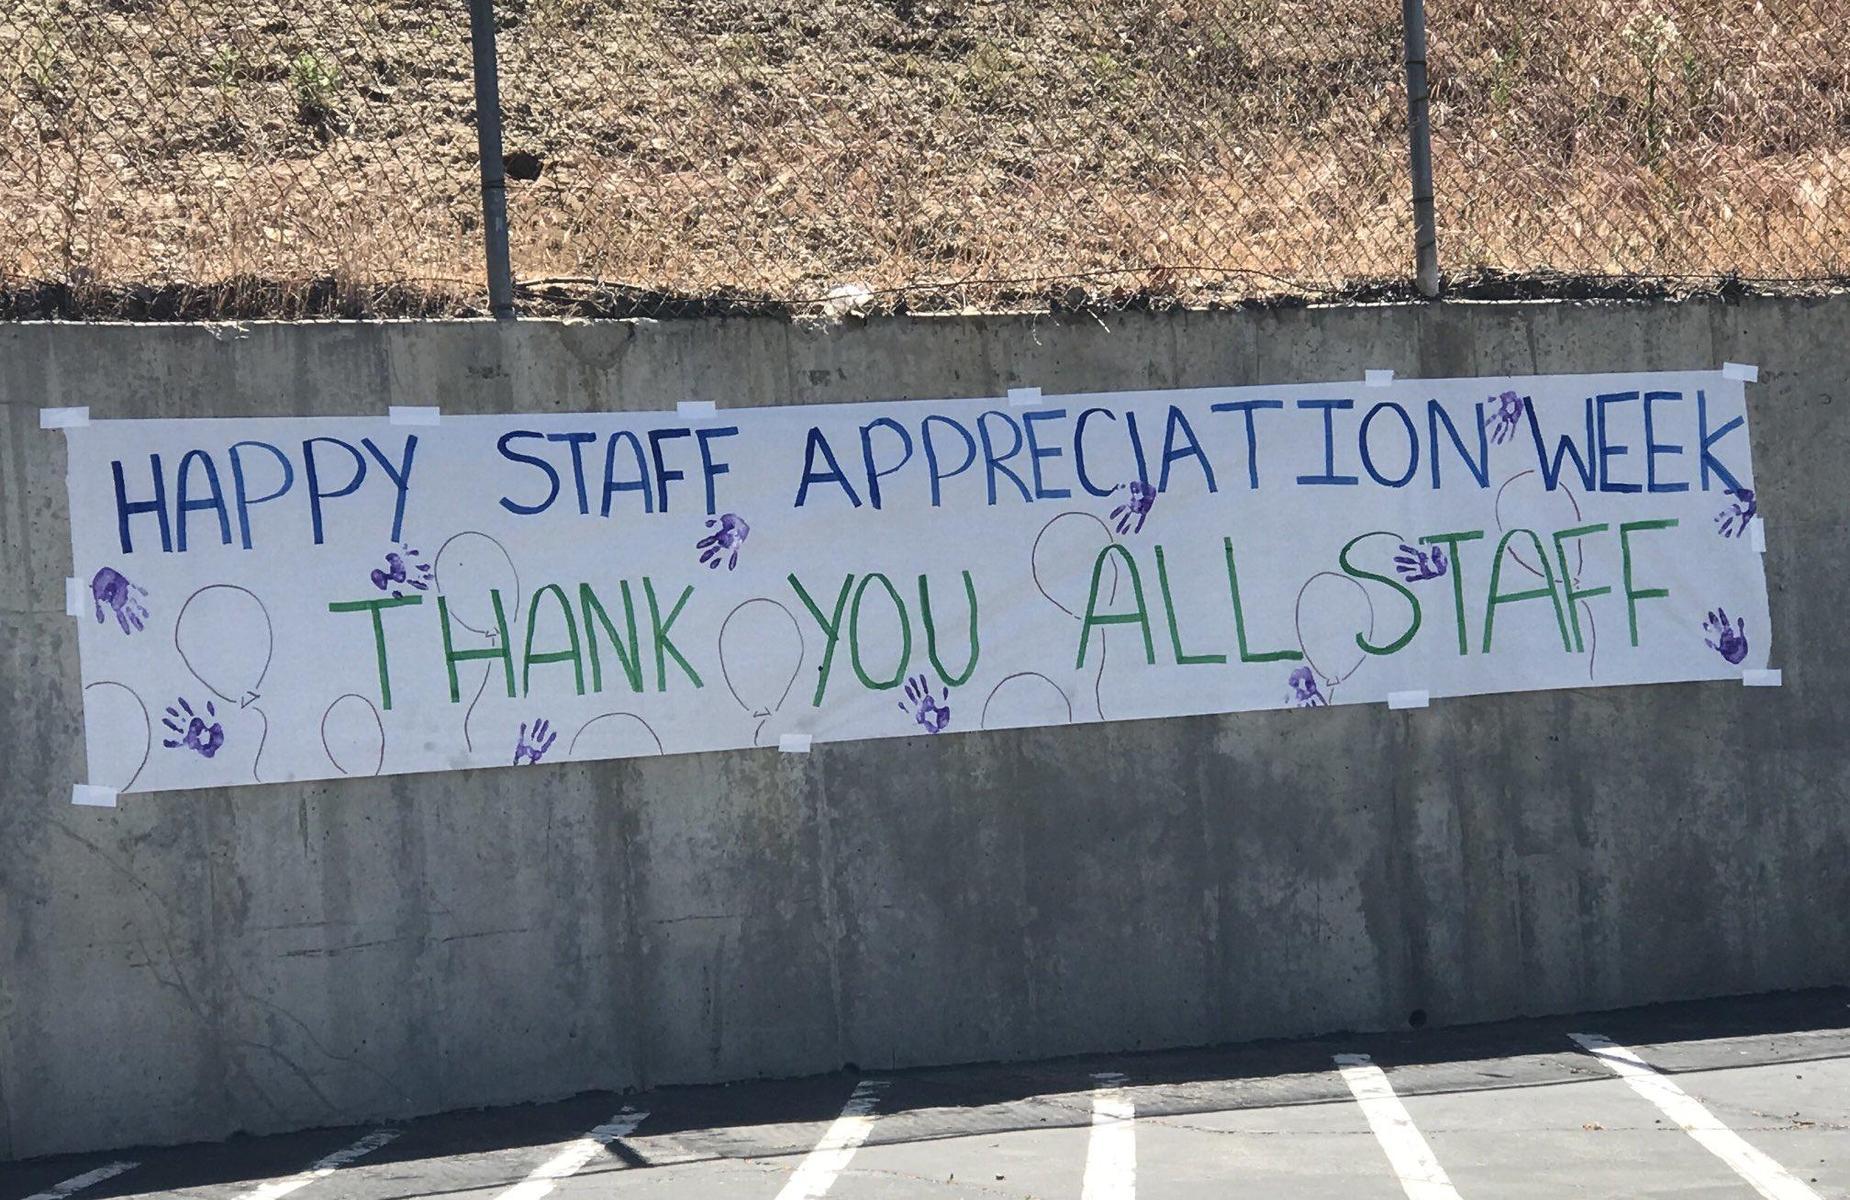 happy staff appreciation week, thank you all staff